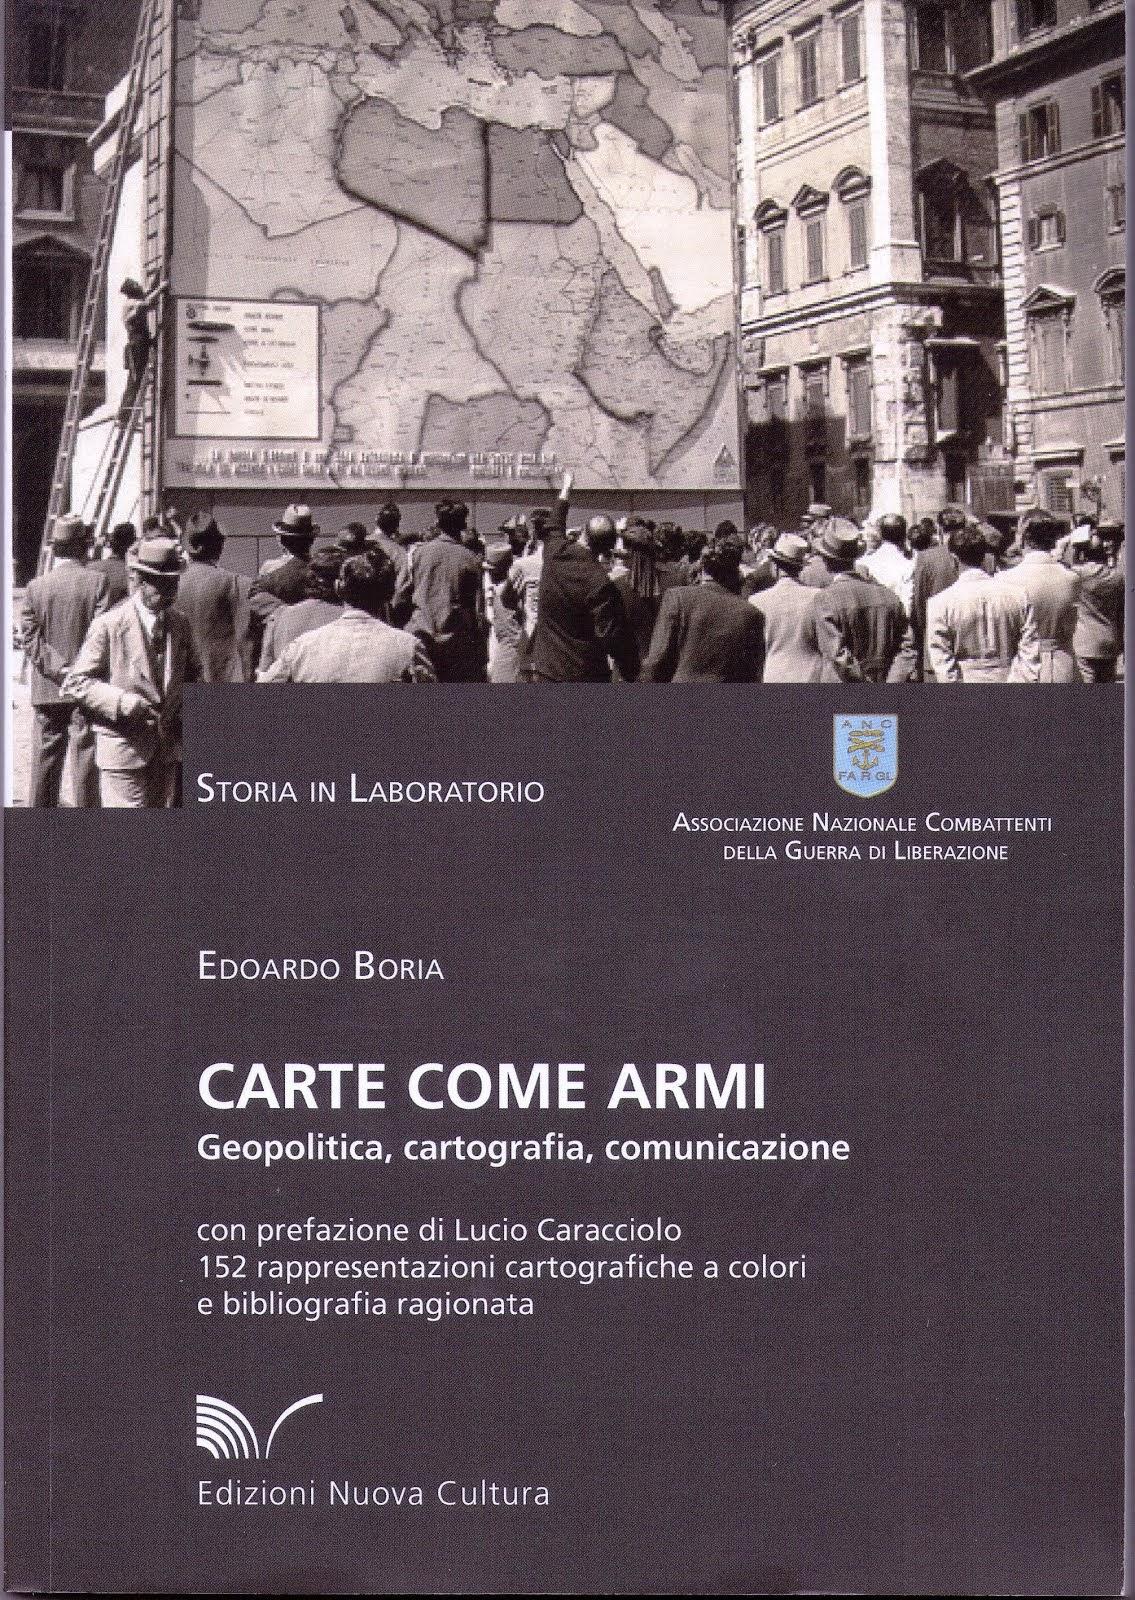 Carte come armi. geopolitica.cartografia.comunicazione